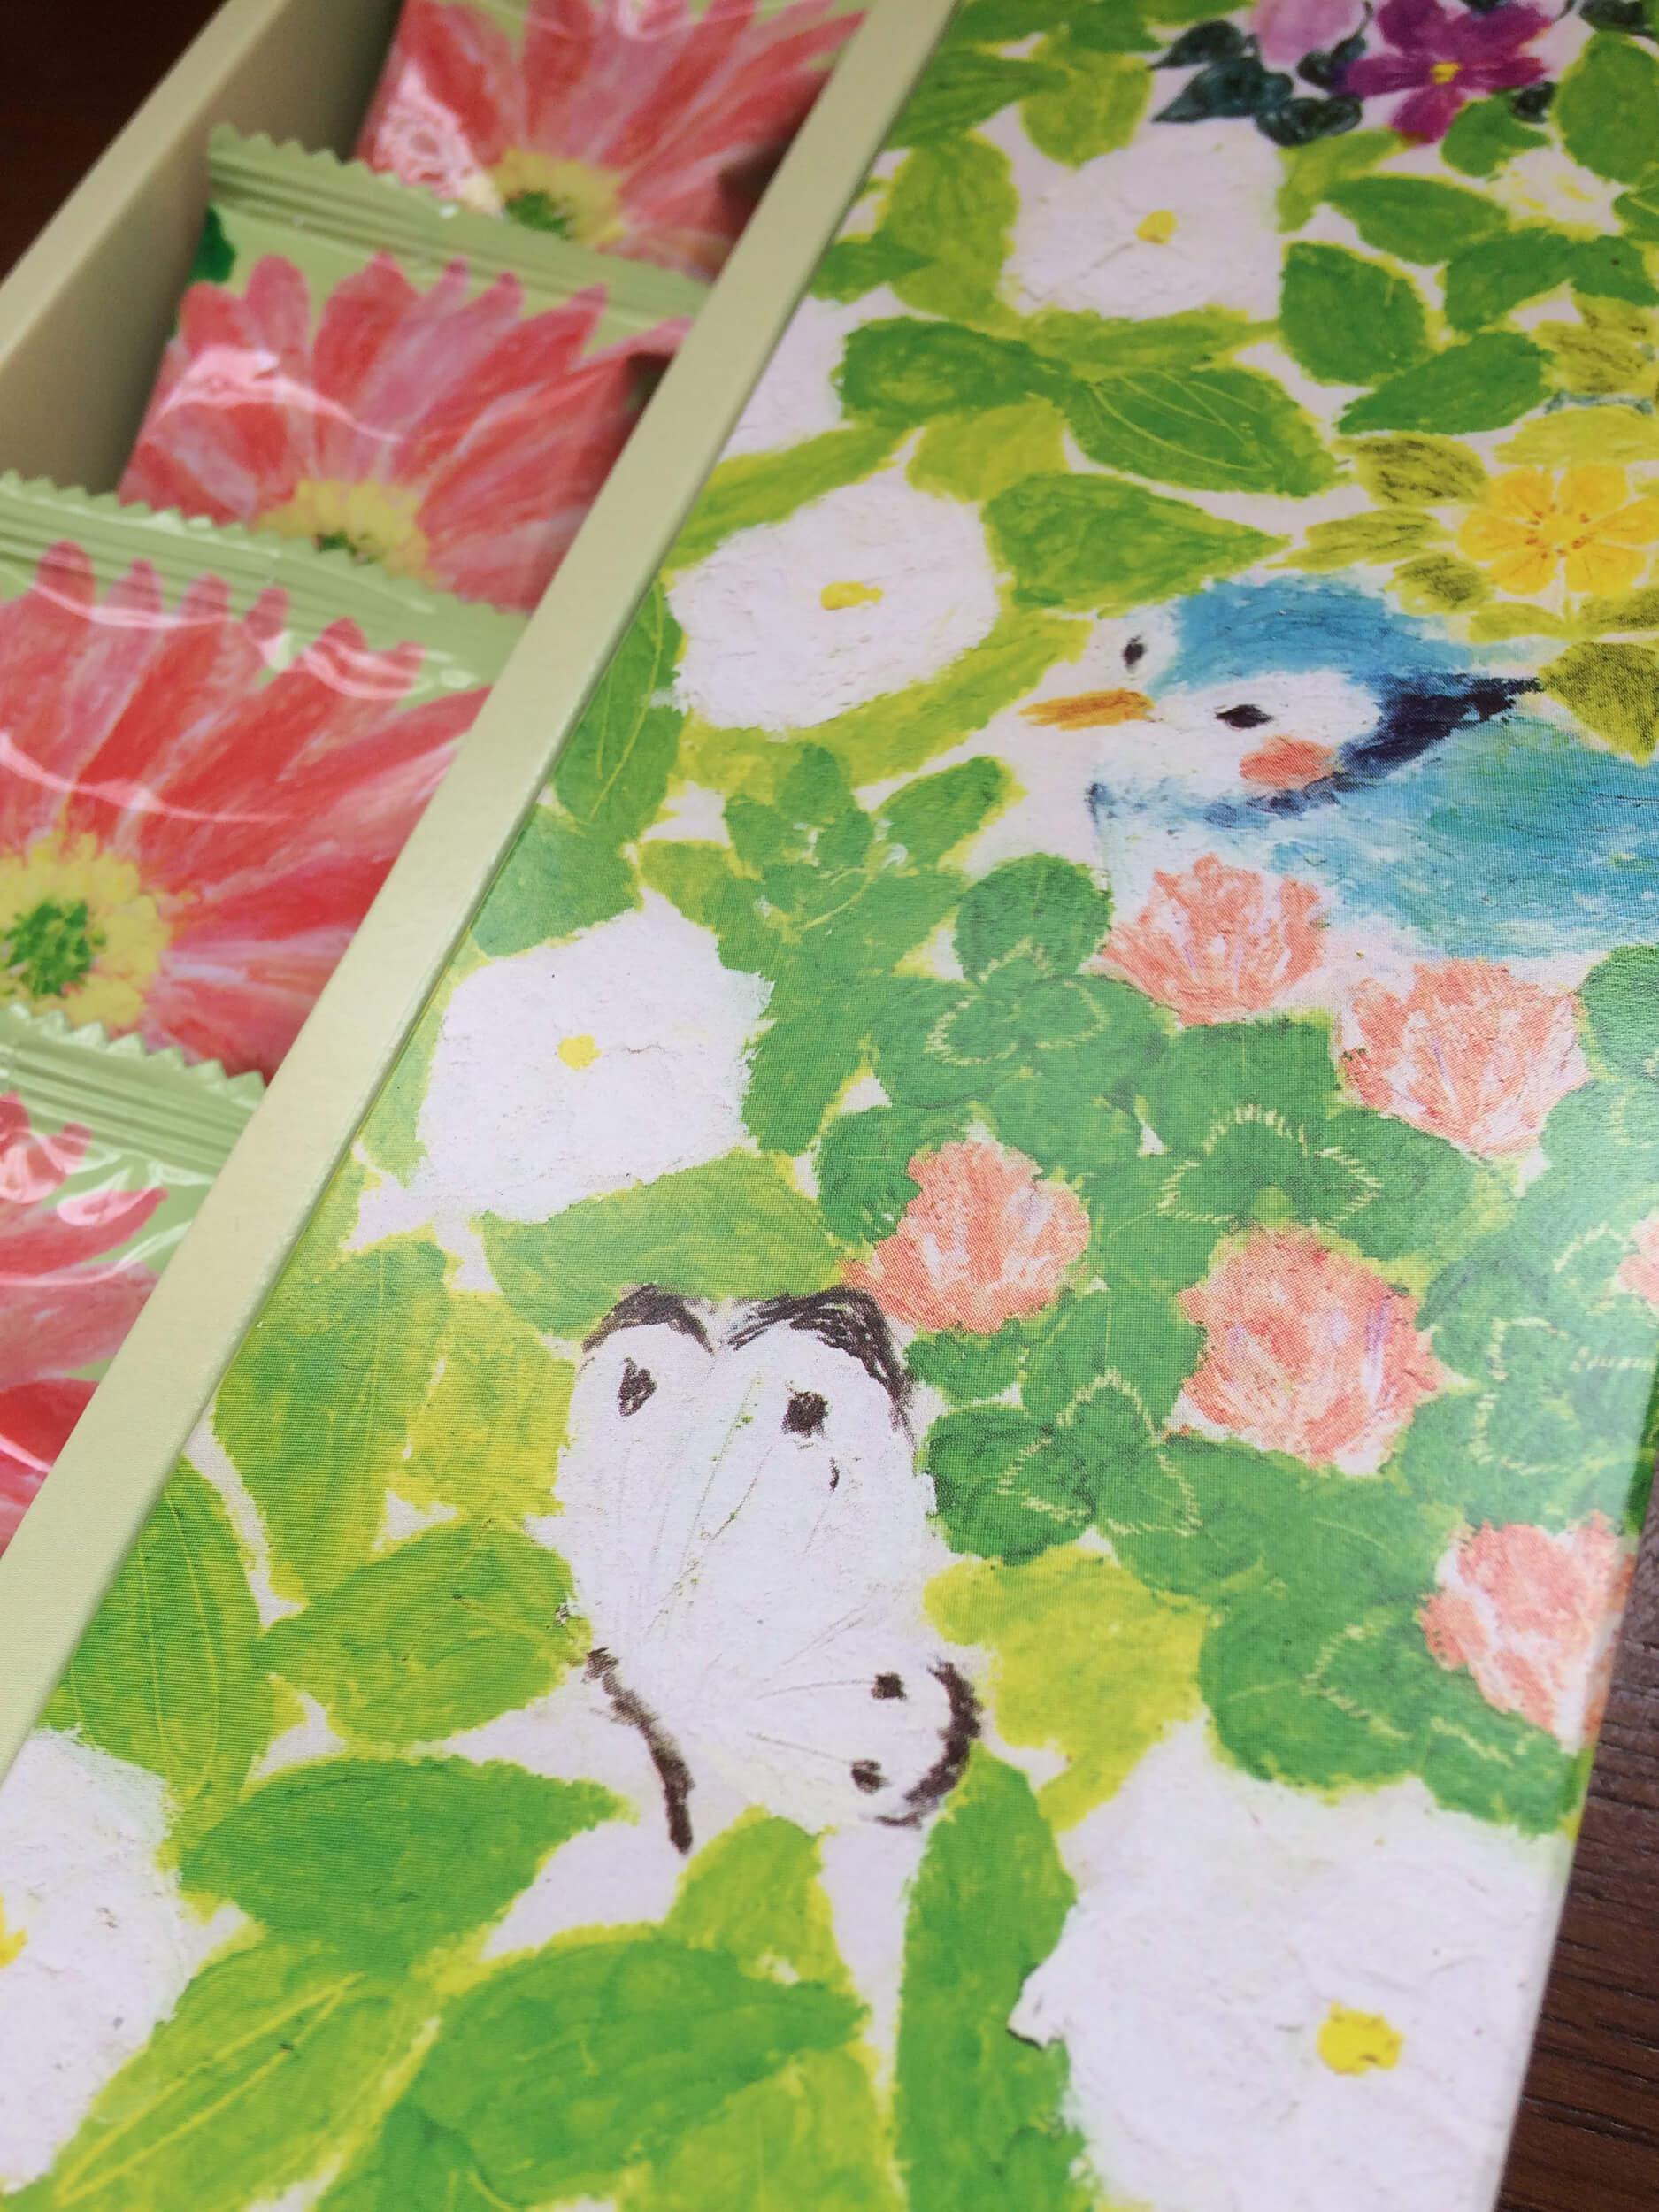 パッケージイラスト いわた2016年「箱 花畑と鳥、ちょうちょ」